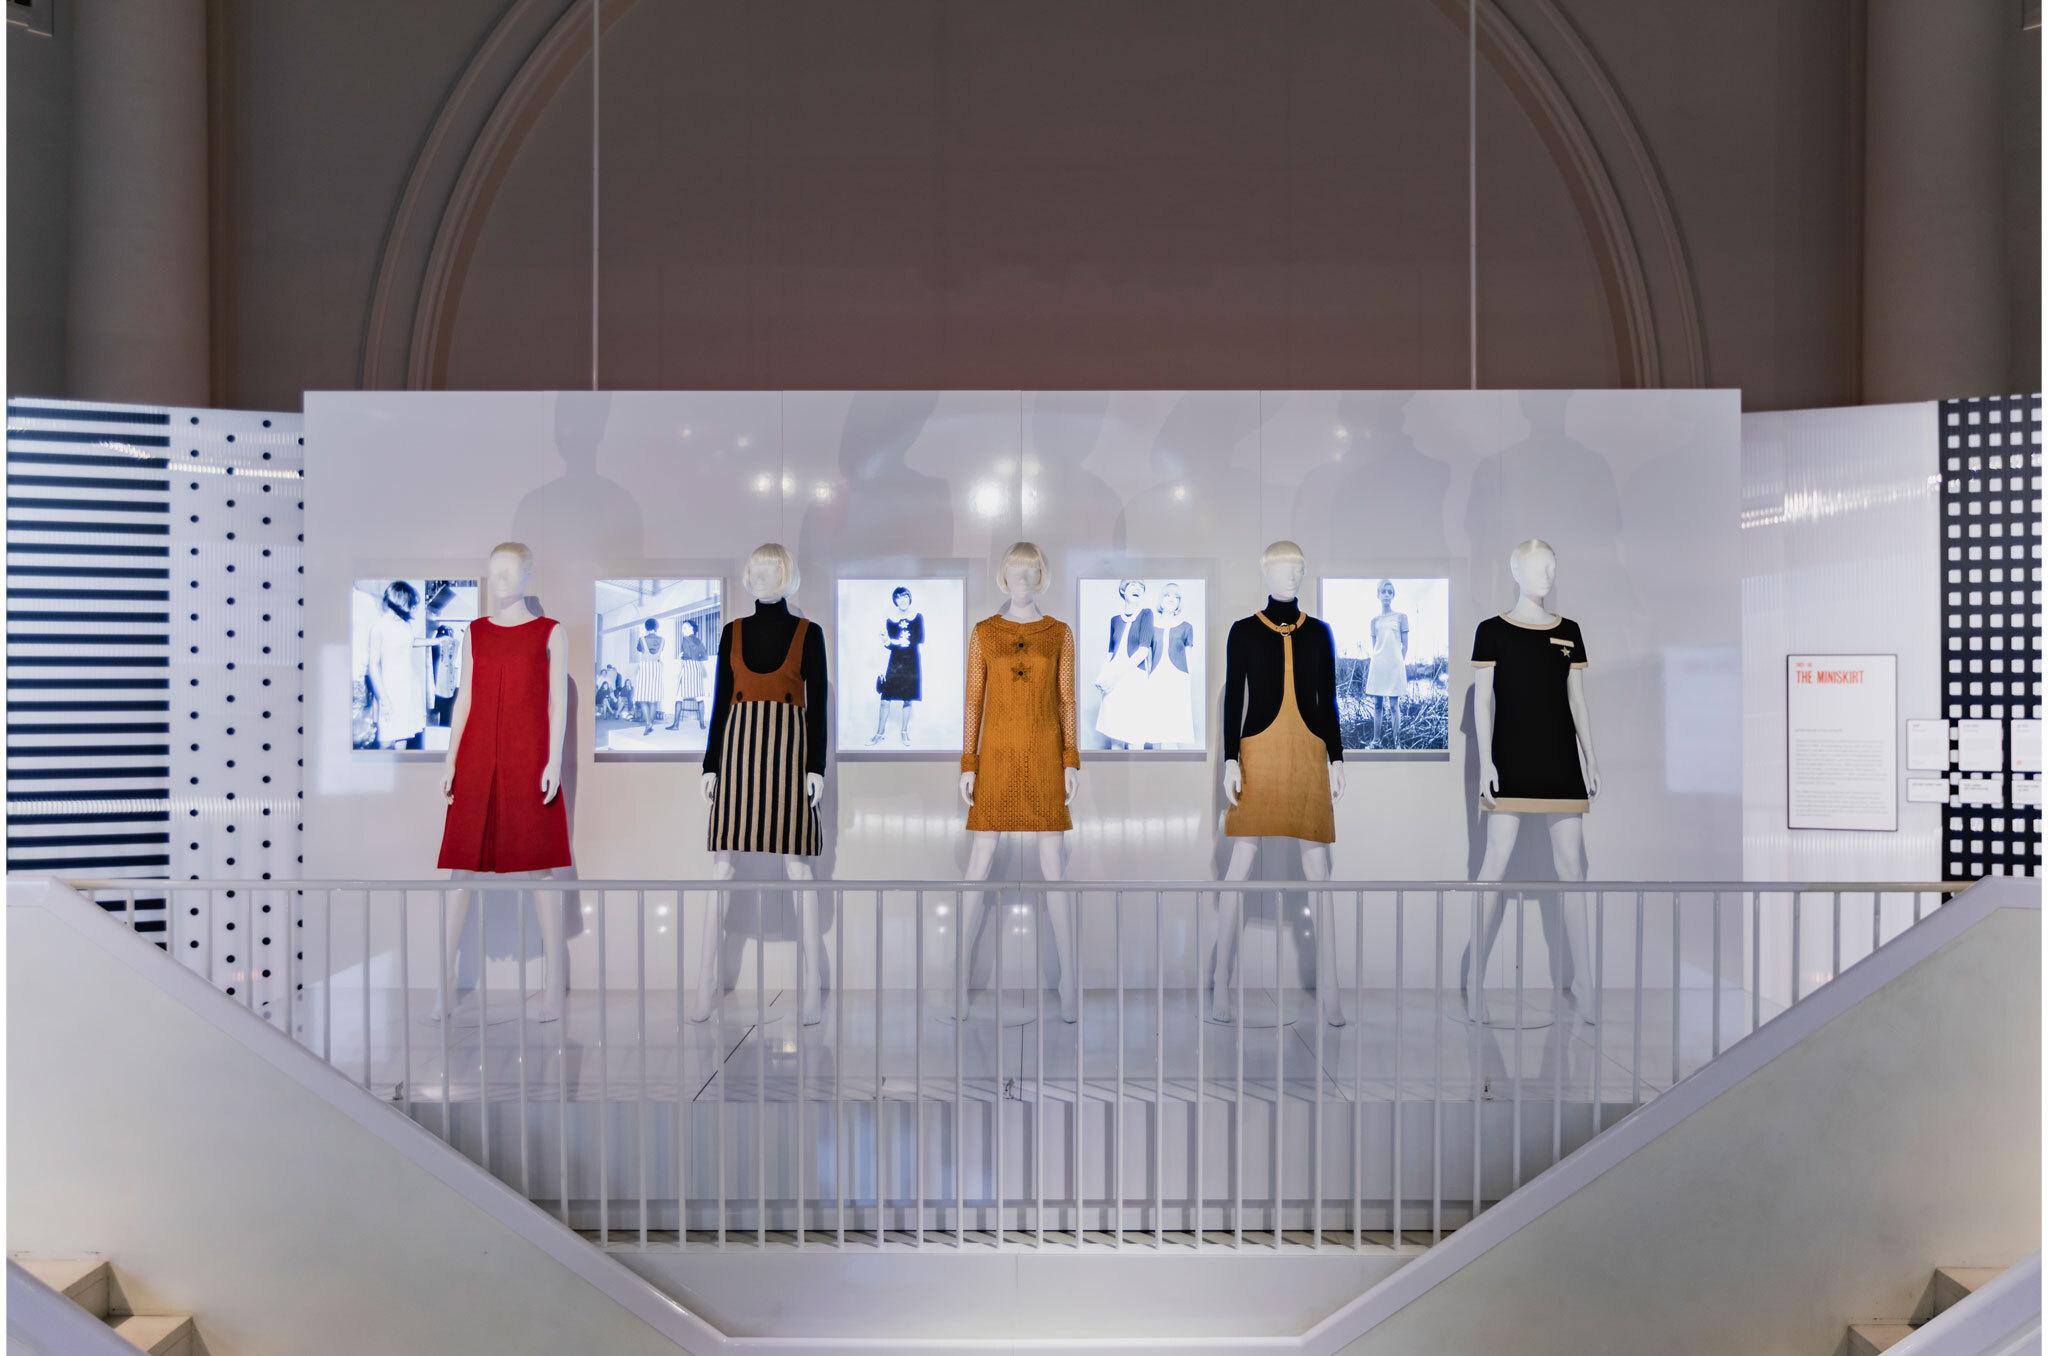 adcd667ab0201 ... anónimas luciendo los diseños de Quant que evidencia la importancia de  la minifalda para la moda de una década. La muestra estará abierta al  público ...